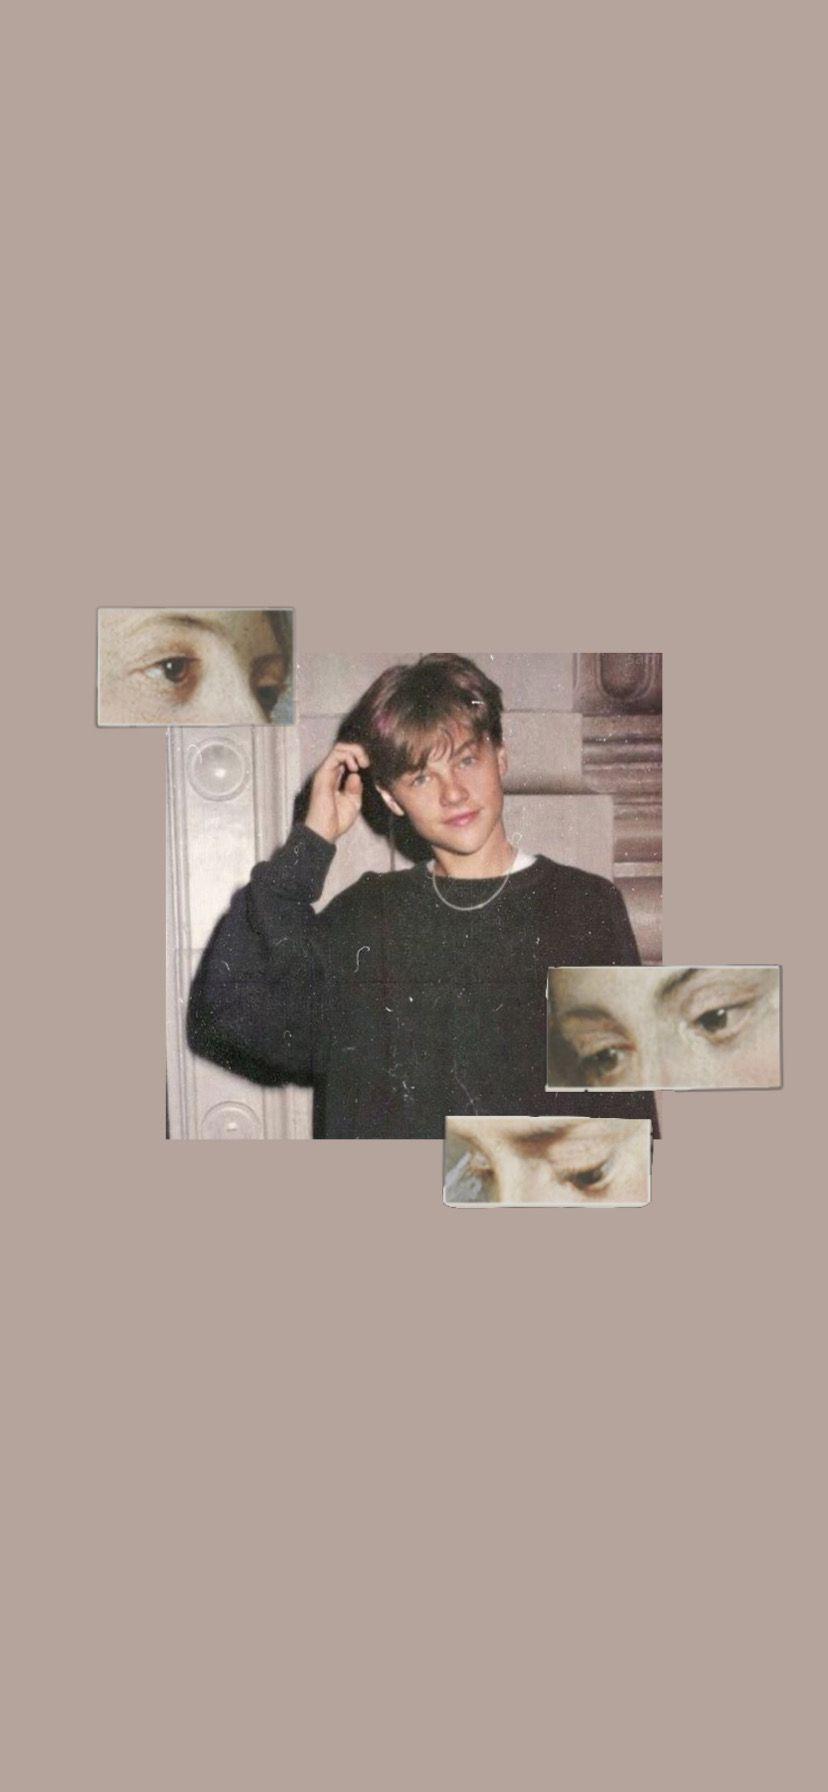 Leonardo Dicaprio Wallpaper Leonardo Dicaprio 90s Leonardo Dicaprio Photos Leonardo Aesthetic wallpaper young leonardo